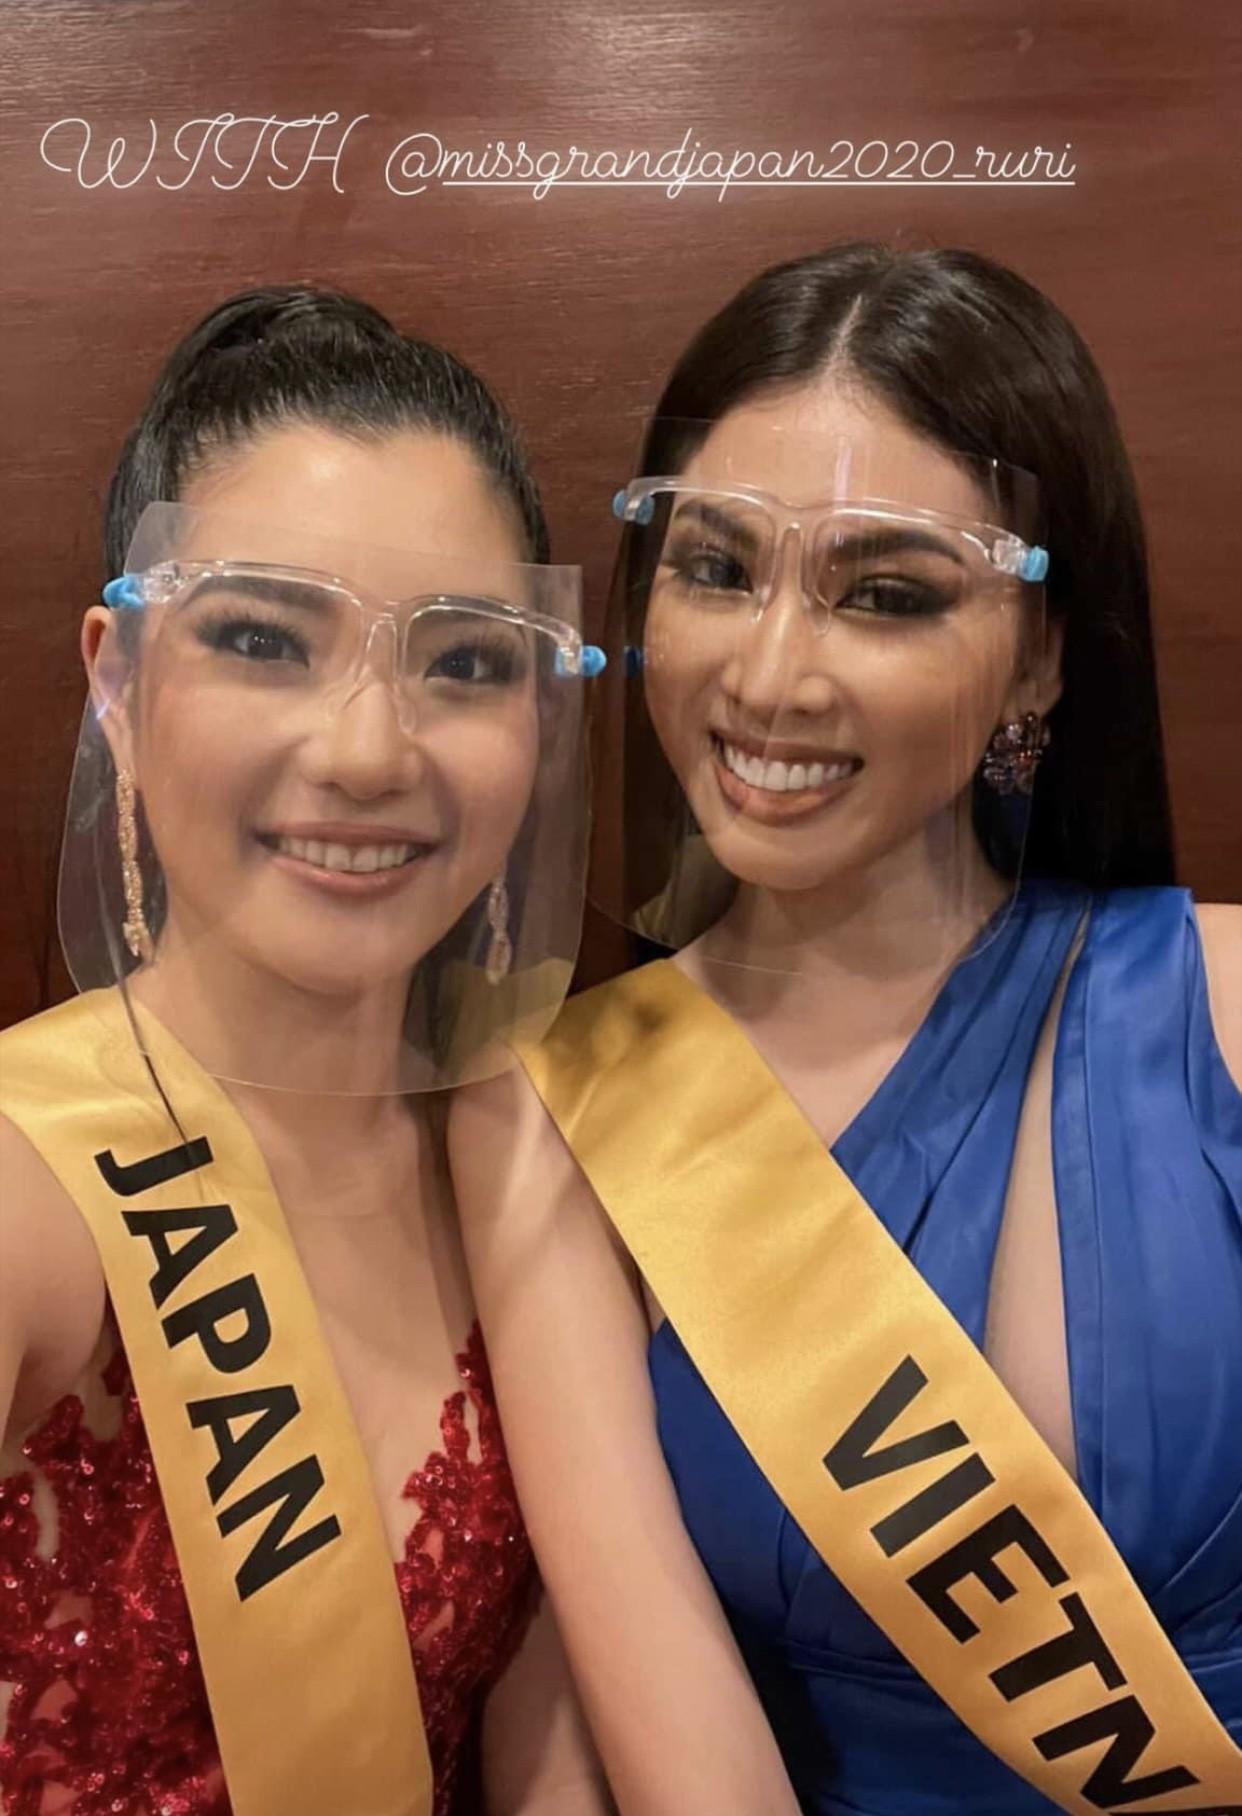 Á hậu Thuỳ Dung diện váy xẻ vòng 1 nóng bỏng, Ngọc Thảo bắt đầu 'bung lụa' tại Miss Grand ảnh 5